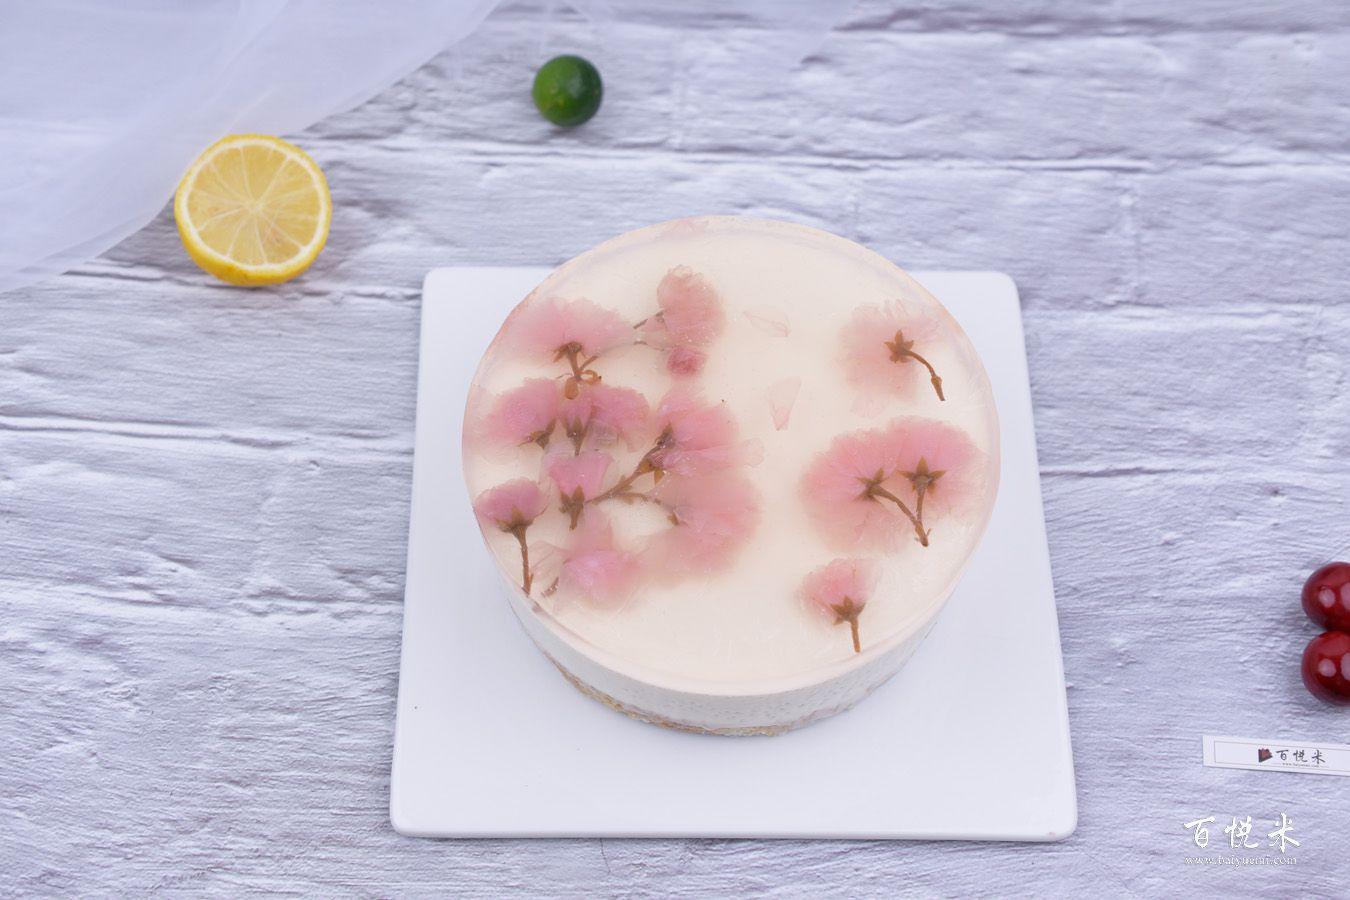 樱花酸奶慕斯的做法大全,樱花酸奶慕斯蛋糕培训怎么做